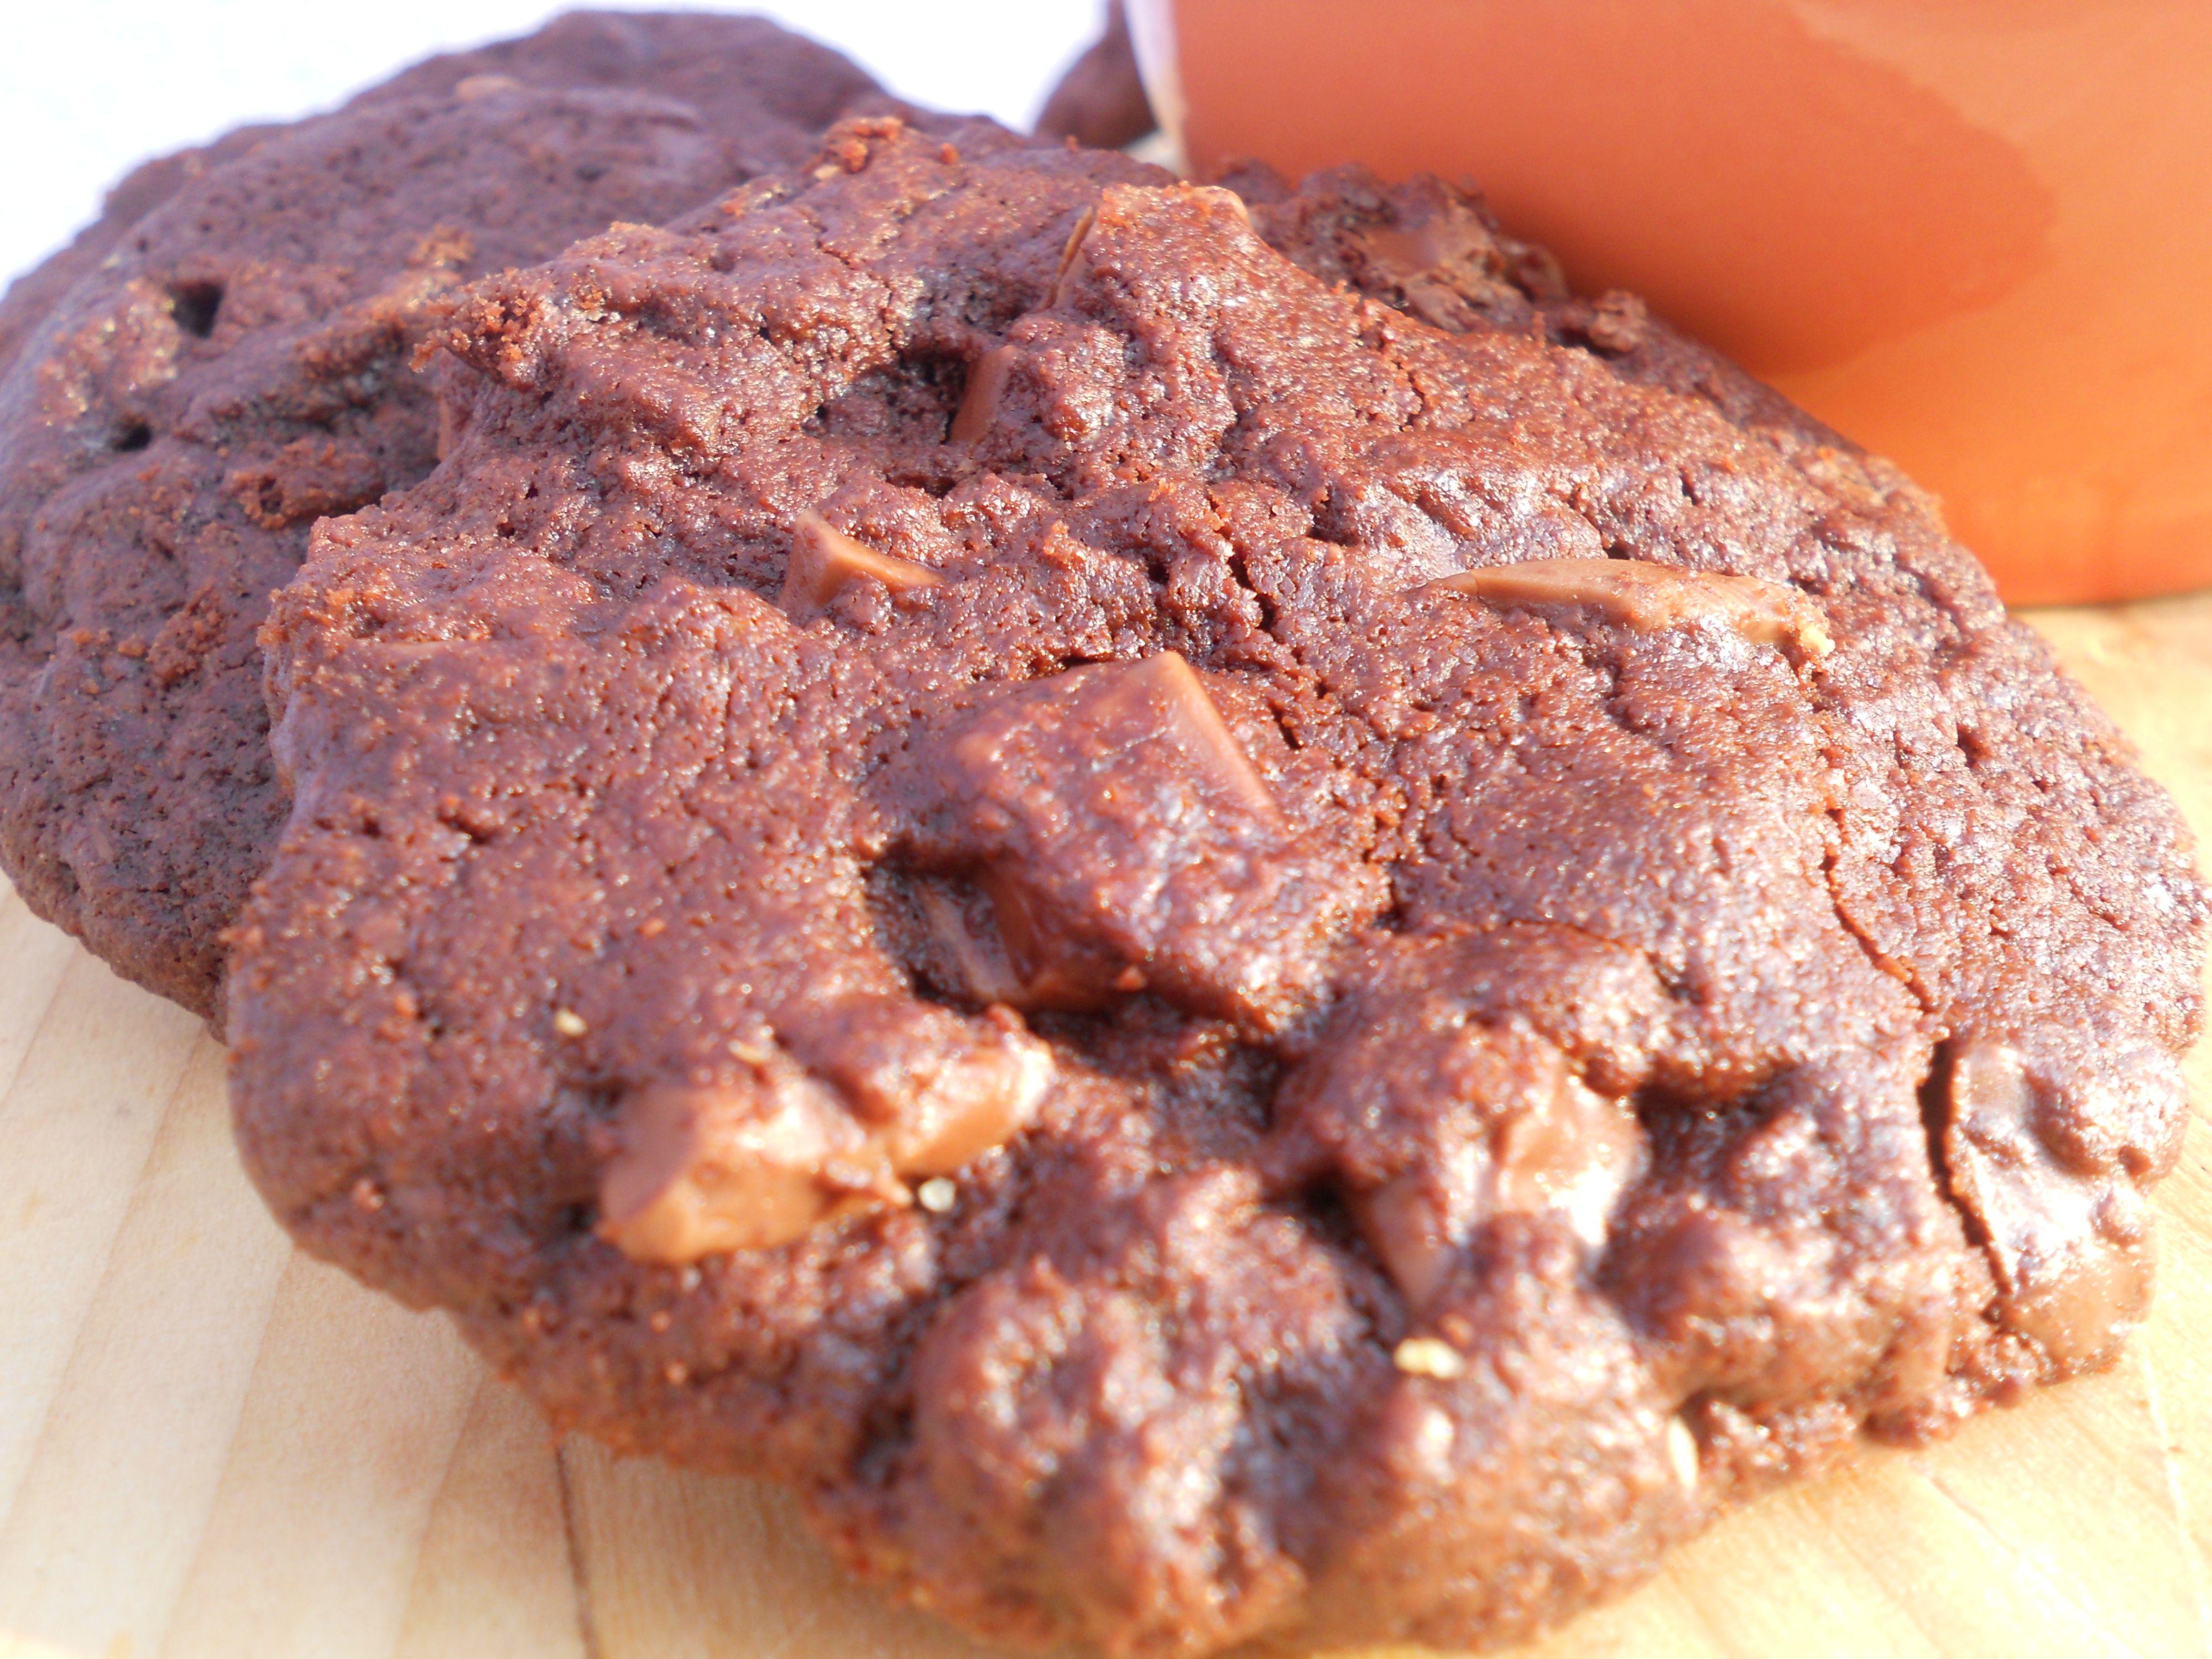 Chocolate Cookies. Questi biscotti al cioccolato, grandi e golosissimi sono tipici della cucina americana.